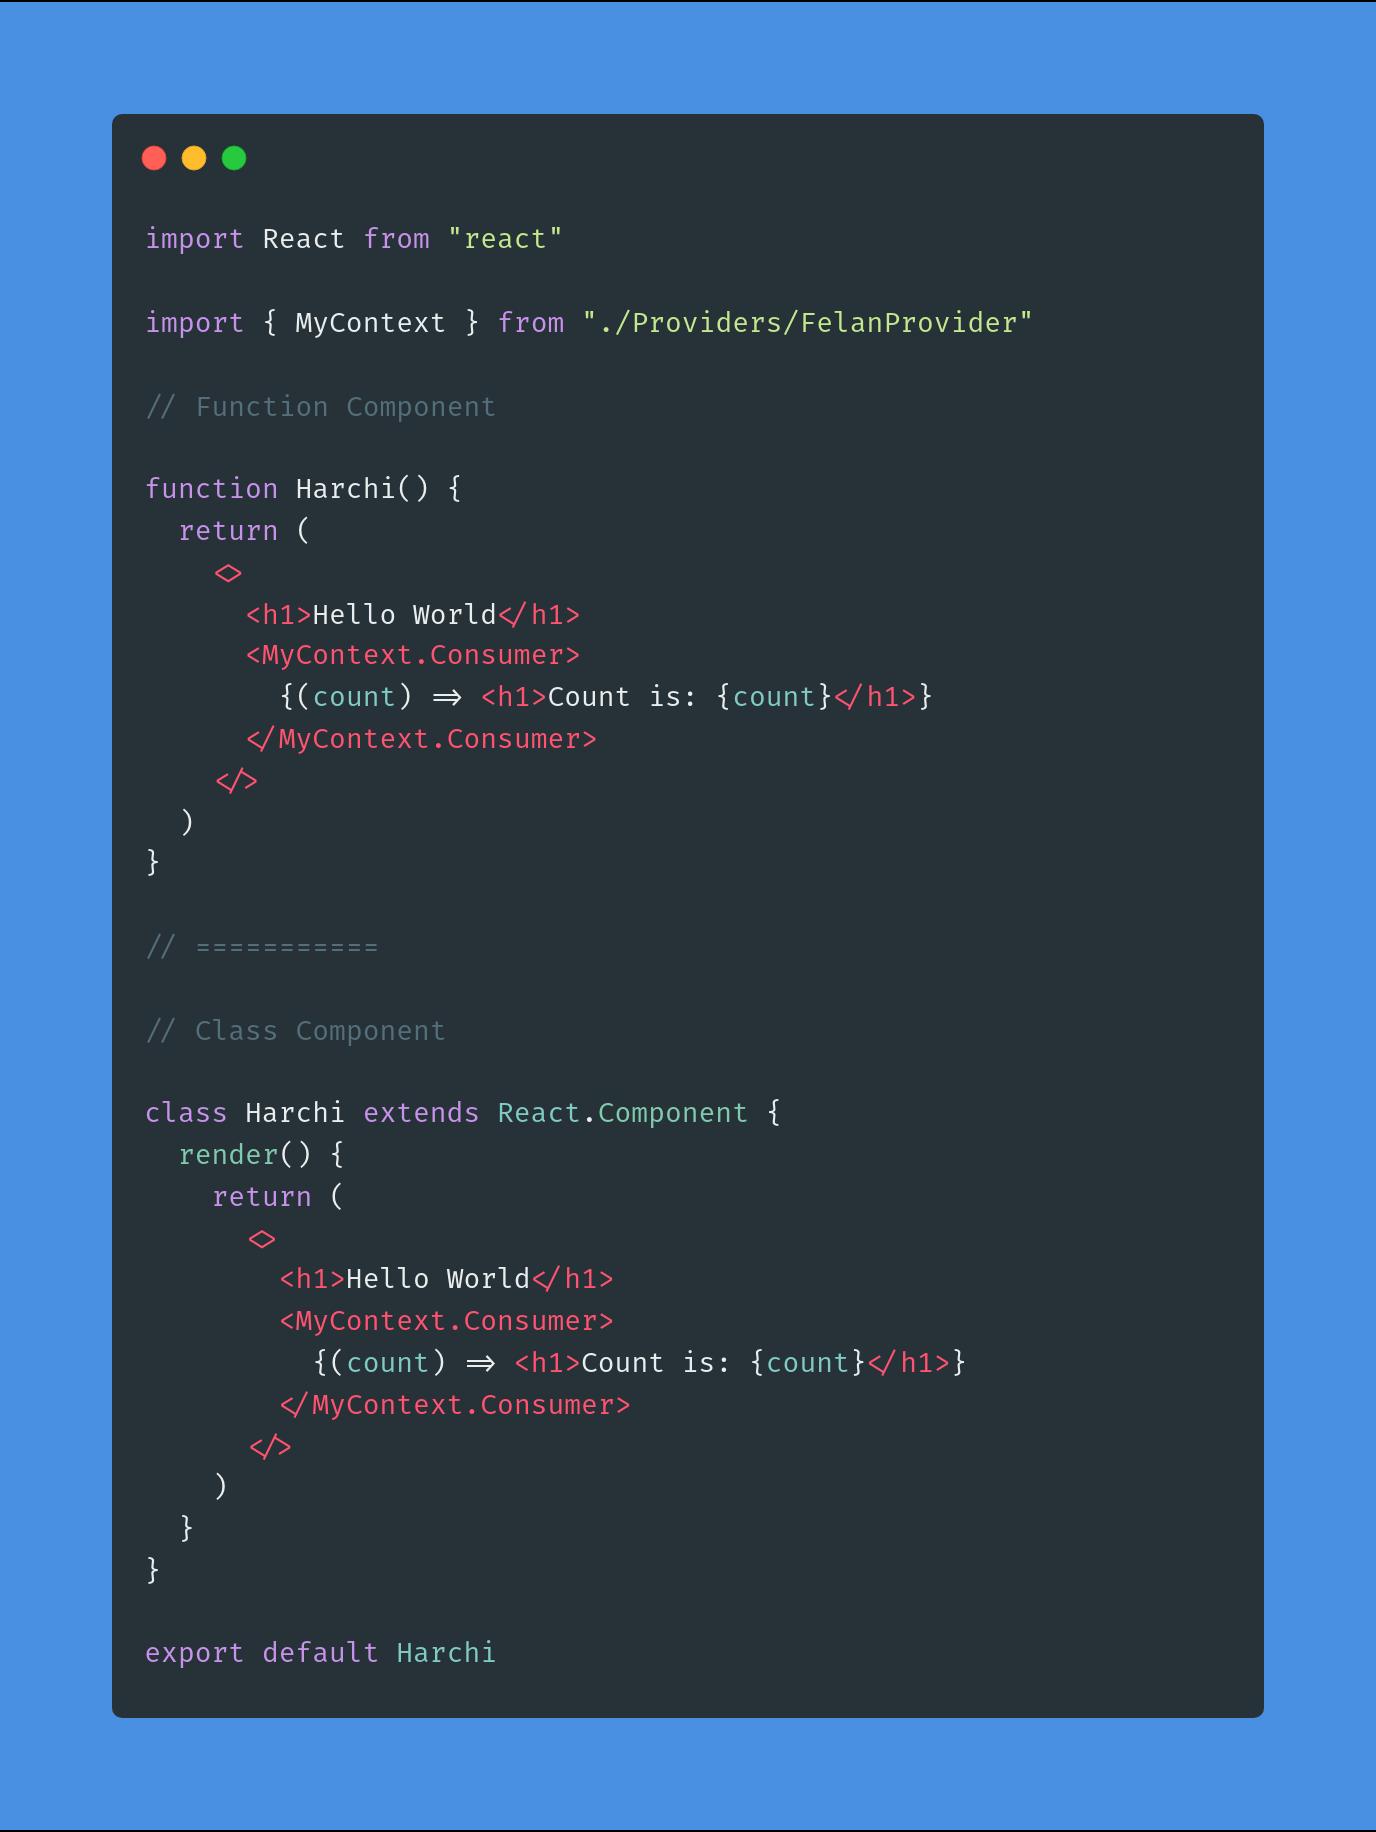 صرفا جهت مثال زدن داخل قطعه کد بالا ۲ مدل کامپوننت رو قرار دادم